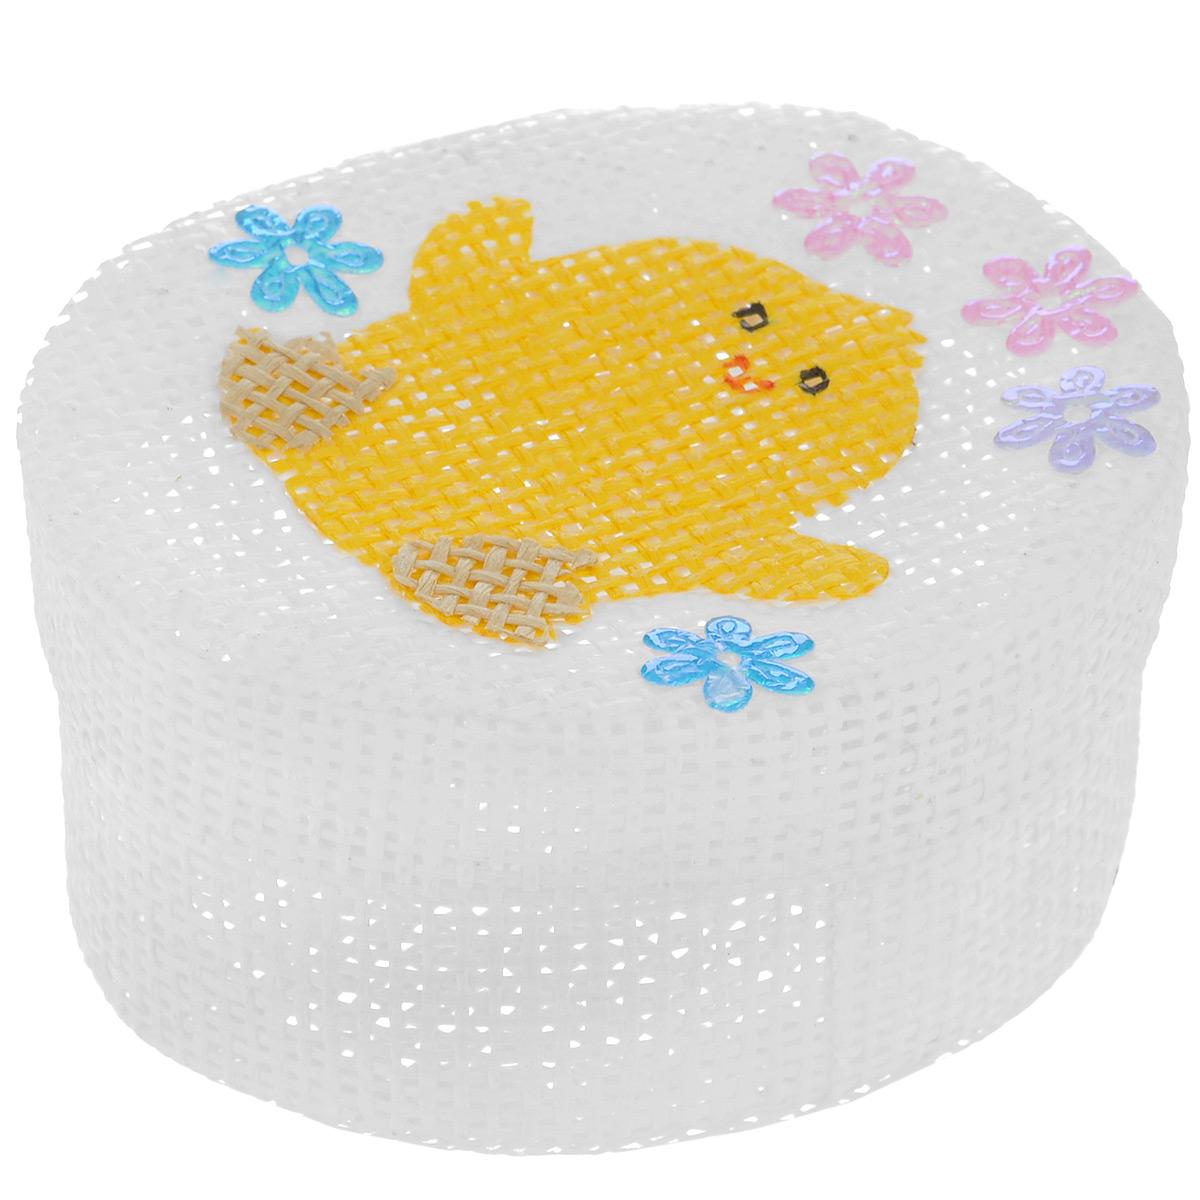 Шкатулка декоративная Home Queen Цыпленок, цвет: белый, 10,5 х 8 х 5 см66860_4Овальная шкатулка Home Queen Цыпленок изготовлена из бумаги. Крышка изделия украшена рельефным рисунком в виде цыпленка и декорирована стразами-цветами. Изящная шкатулка прекрасно подойдет для упаковки пасхального подарка для детей и взрослых, а также красиво украсит интерьер комнаты. Размер шкатулки: 10,5 см х 8 см х 5 см.